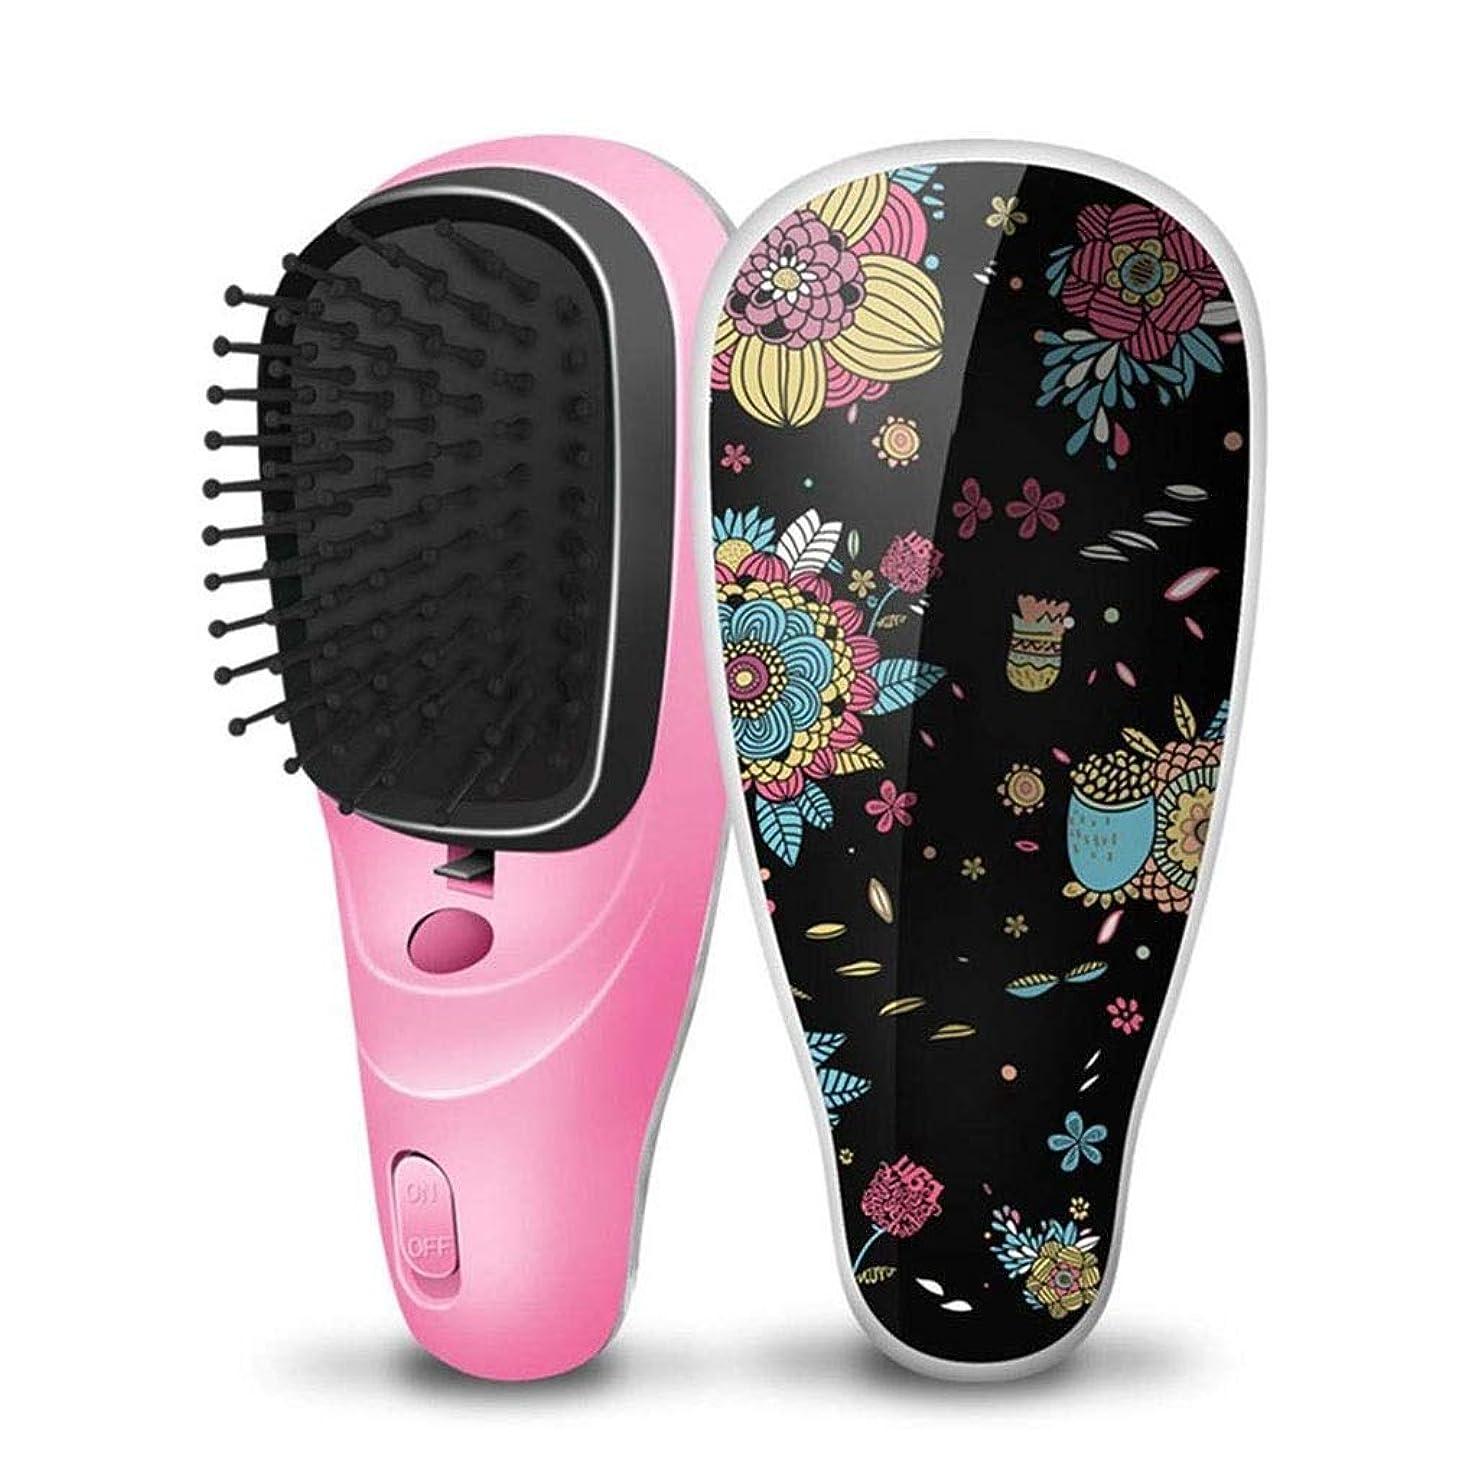 成功する明確に技術者否定的なイオン振動マッサージの毛のストレートナ、小型携帯用電気櫛USBの充満滑らかでまっすぐな毛の櫛